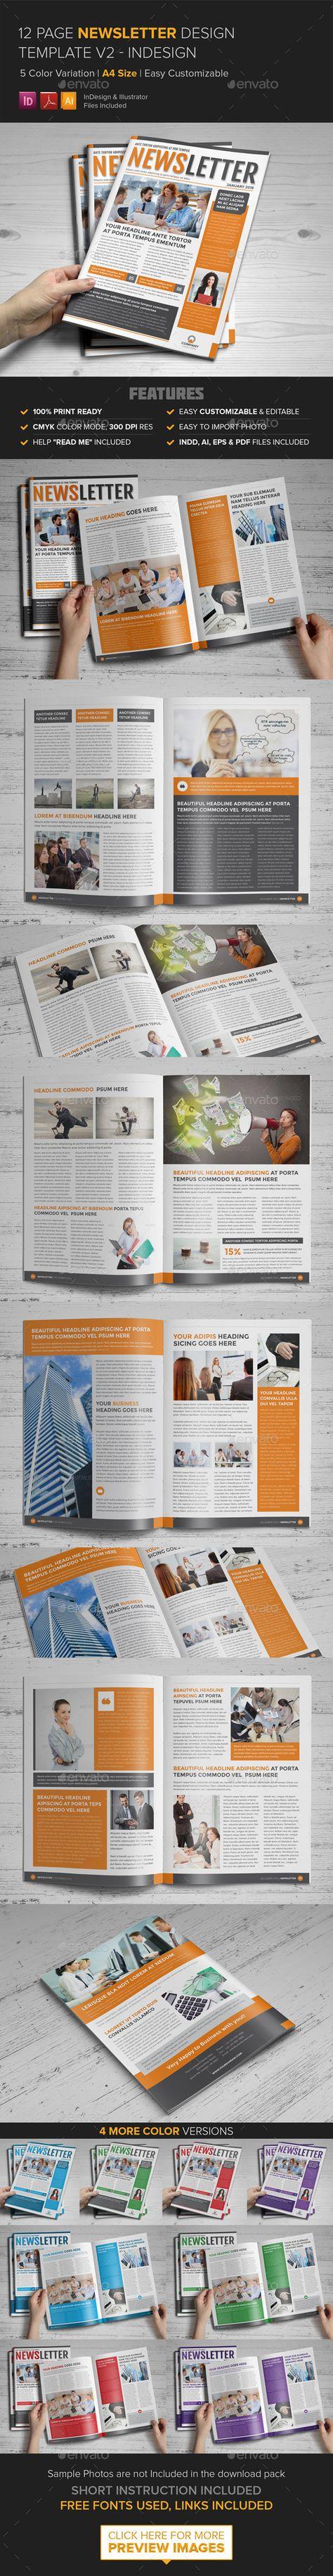 Newsletter Template v2 - InDesign